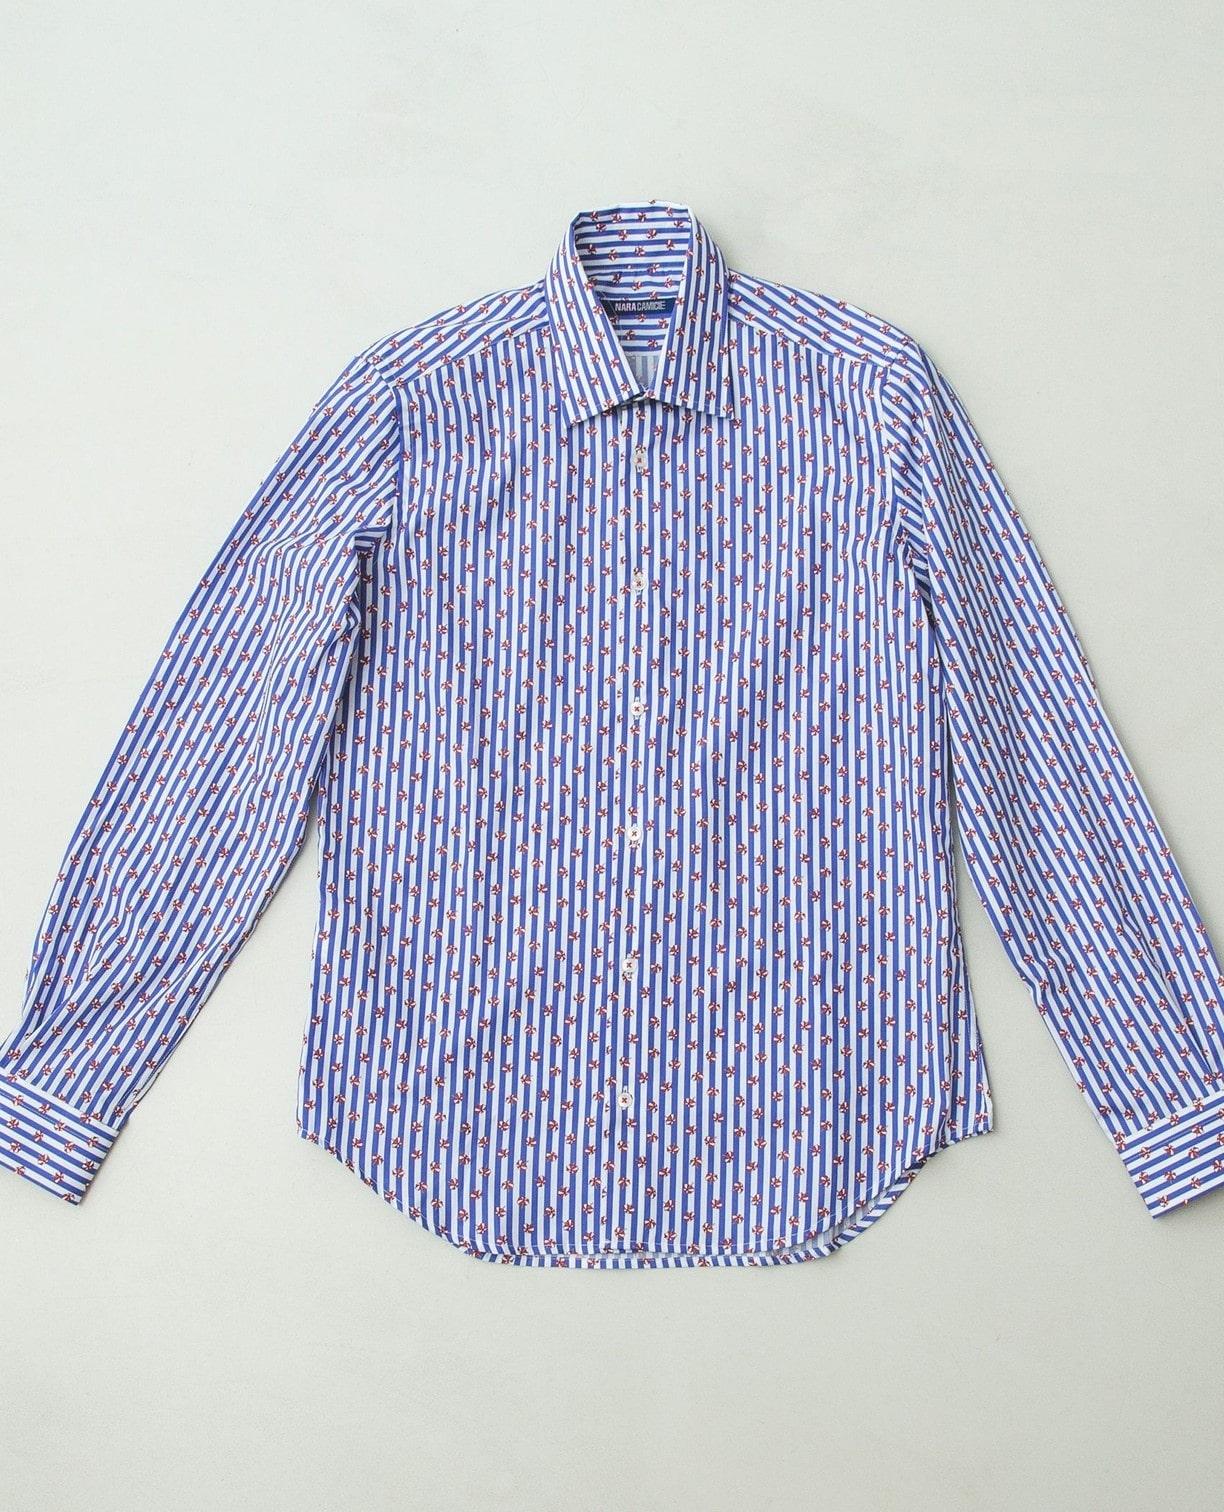 小柄プリント長袖シャツ